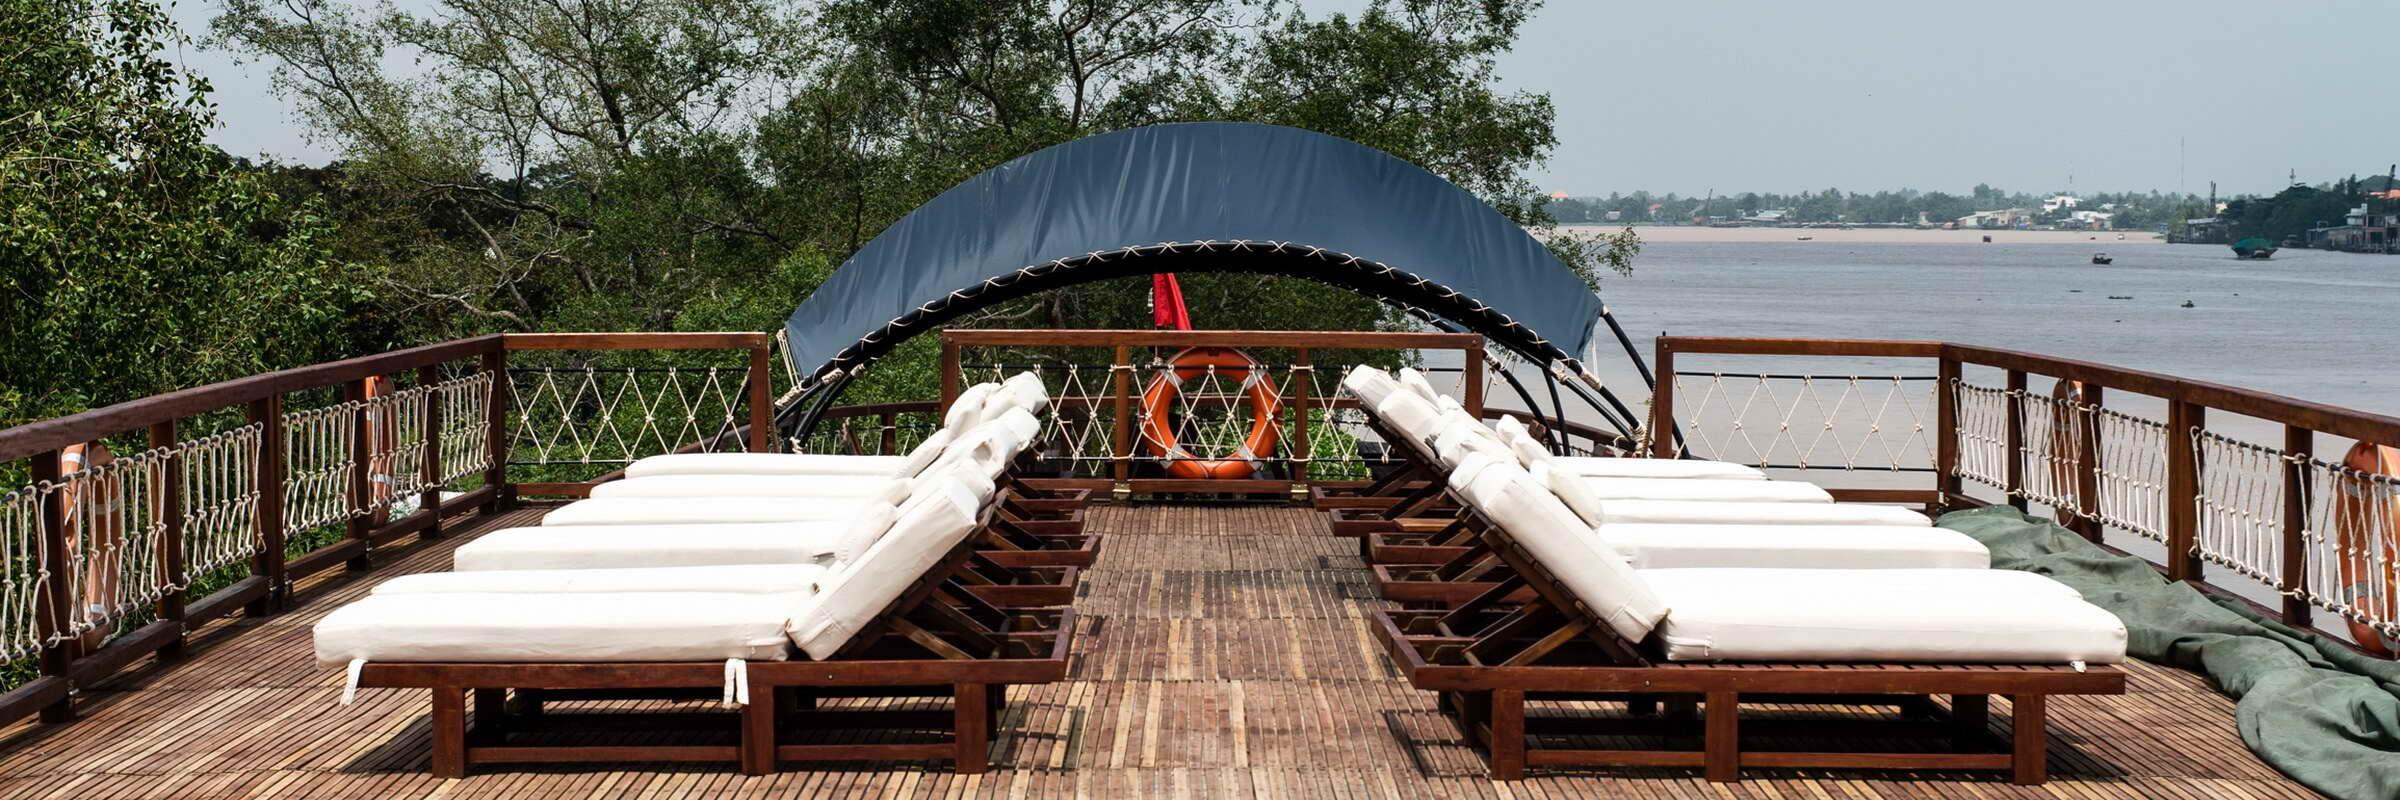 Das Sonnendeck der Mekong Eyes Cruise lädt zum Entspannen ein.